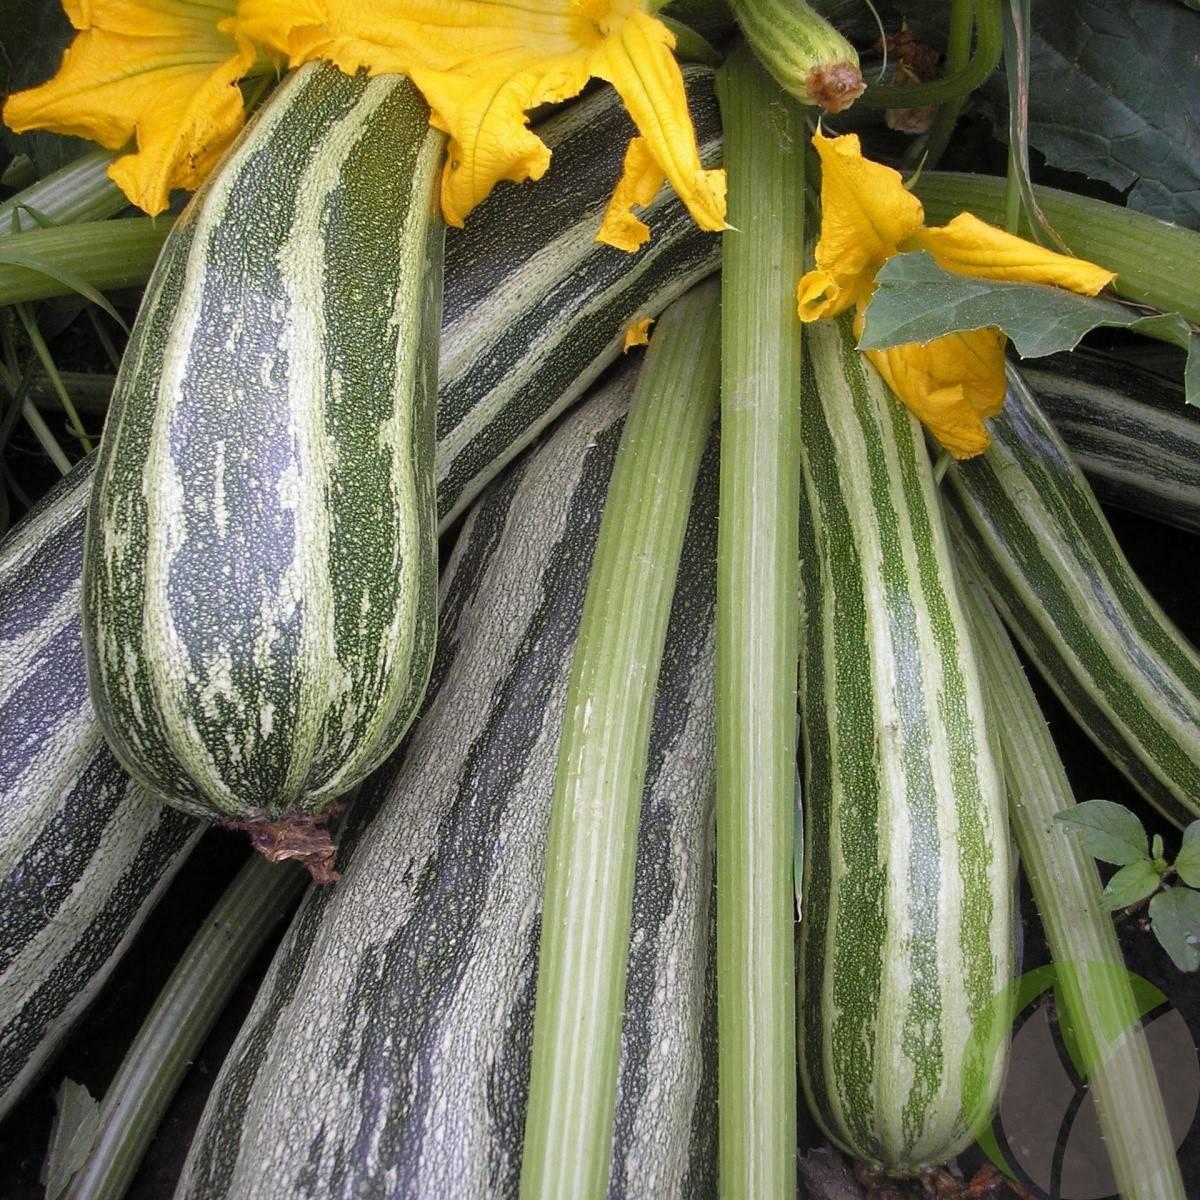 Кабачок чёрный красавец — вкусный и нежный овощ!